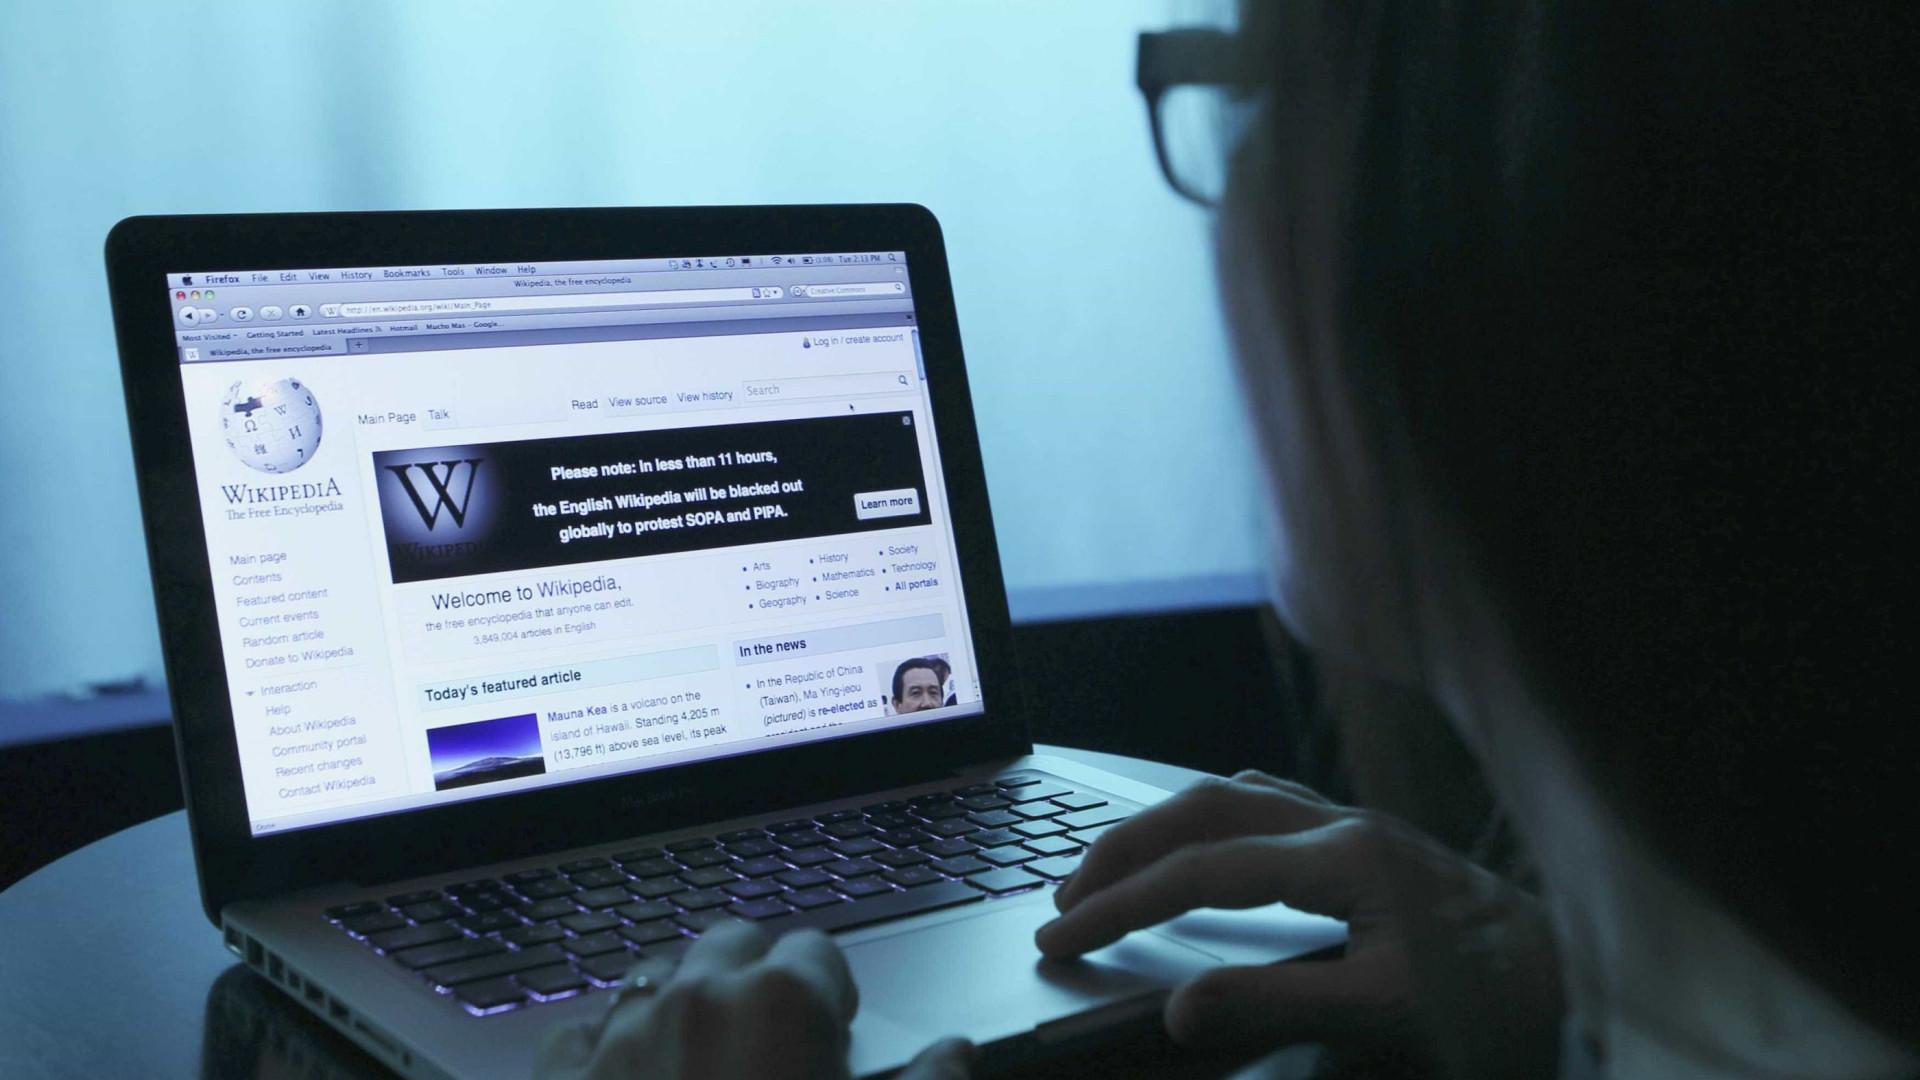 Wikipédia bloqueia acesso por protesto contra lei europeia